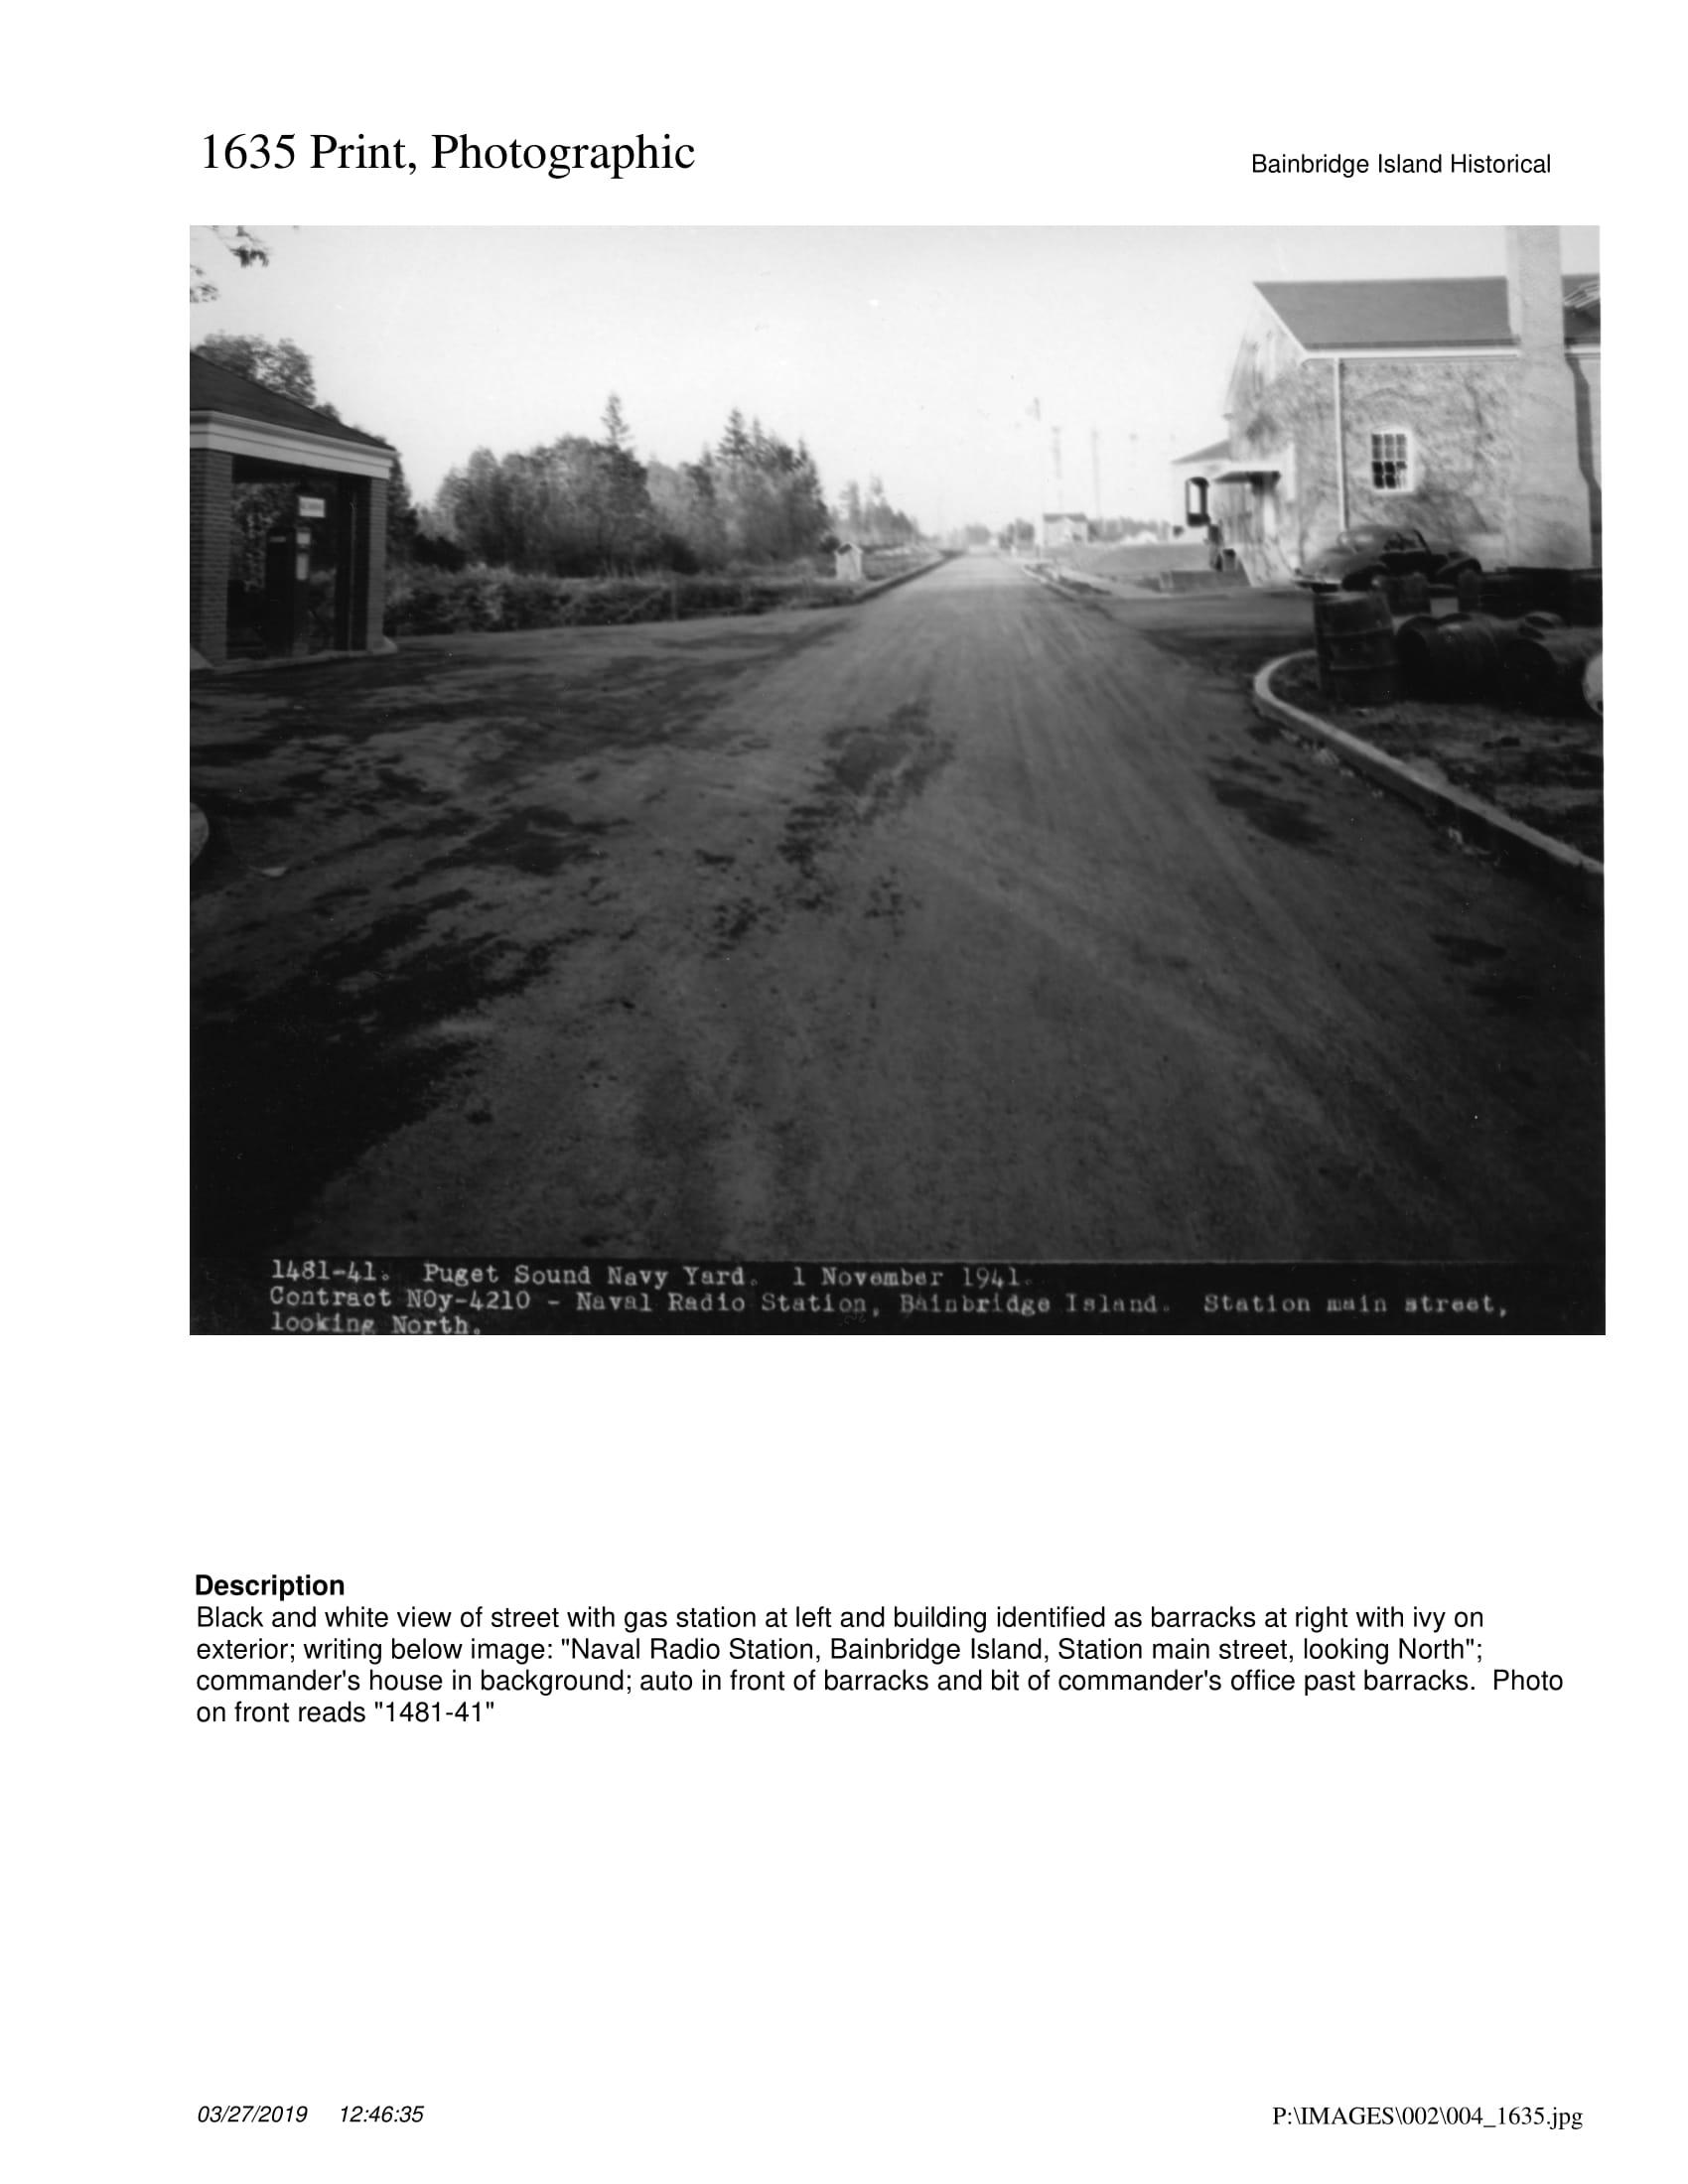 1635 Full Image of Photo-1.jpg